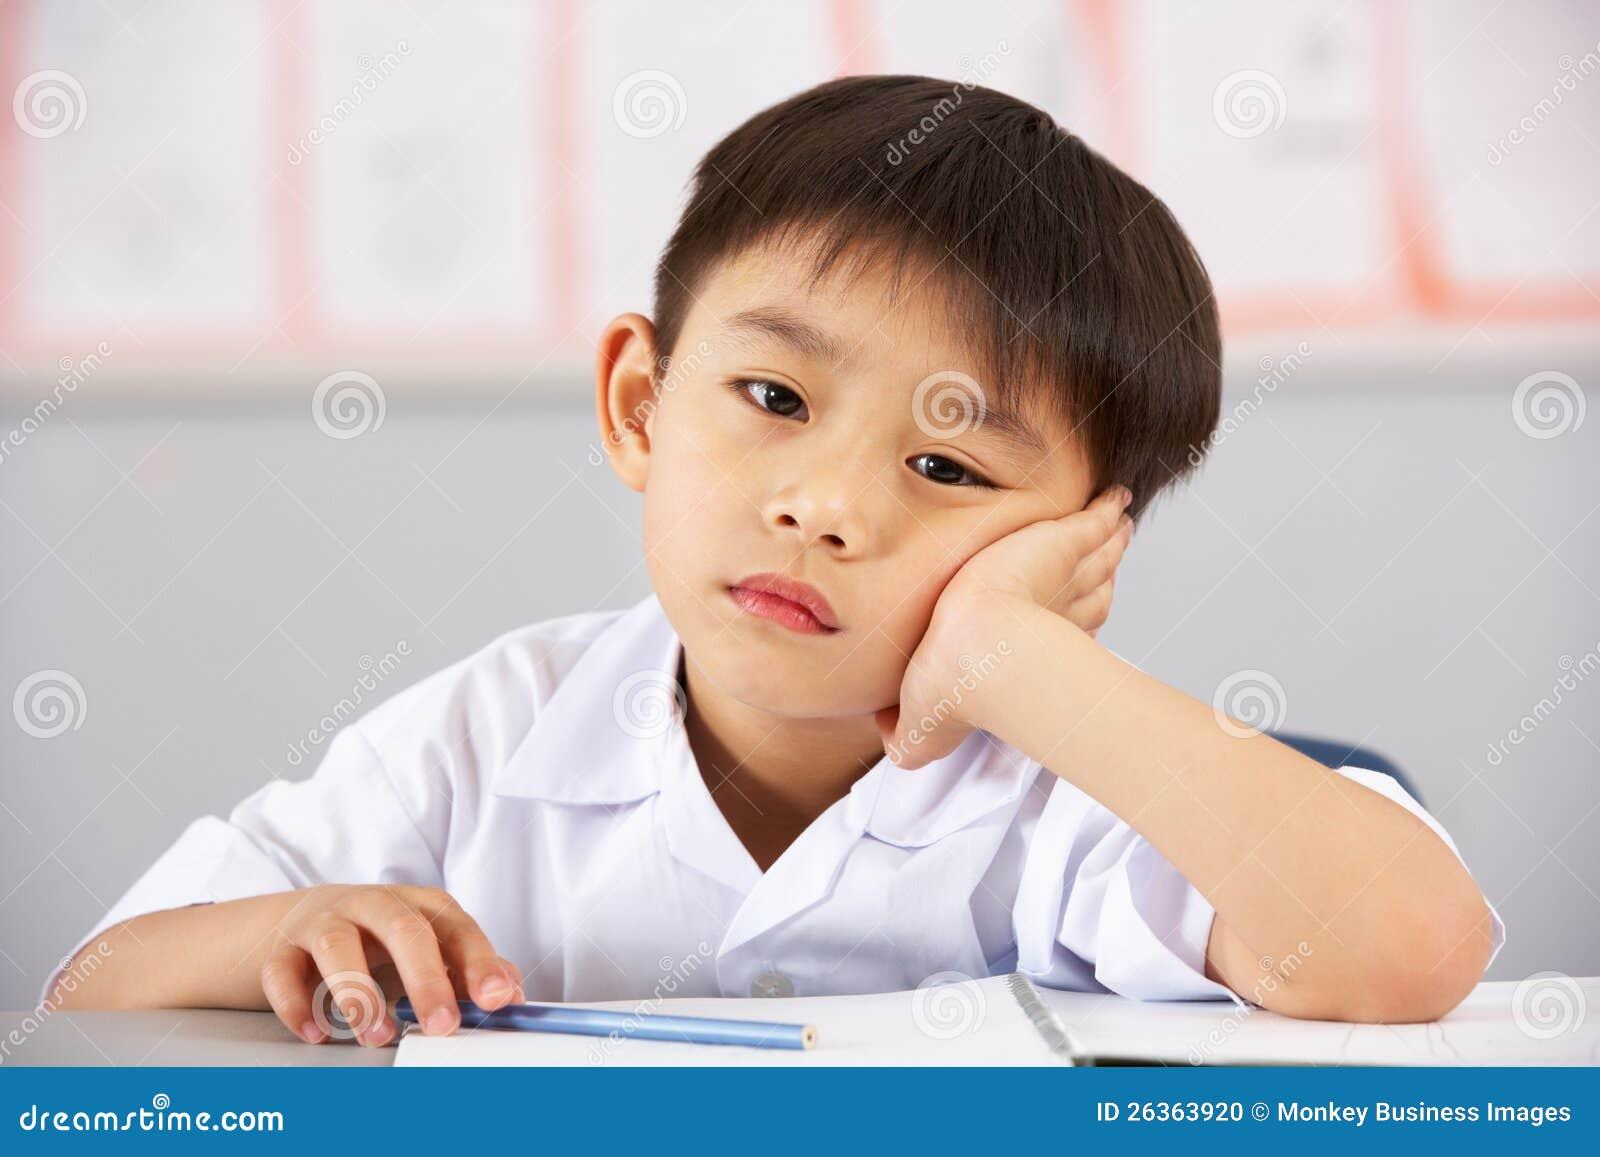 Δυστυχισμένος άνδρας σπουδαστής που εργάζεται στο γραφείο στο σχολείο